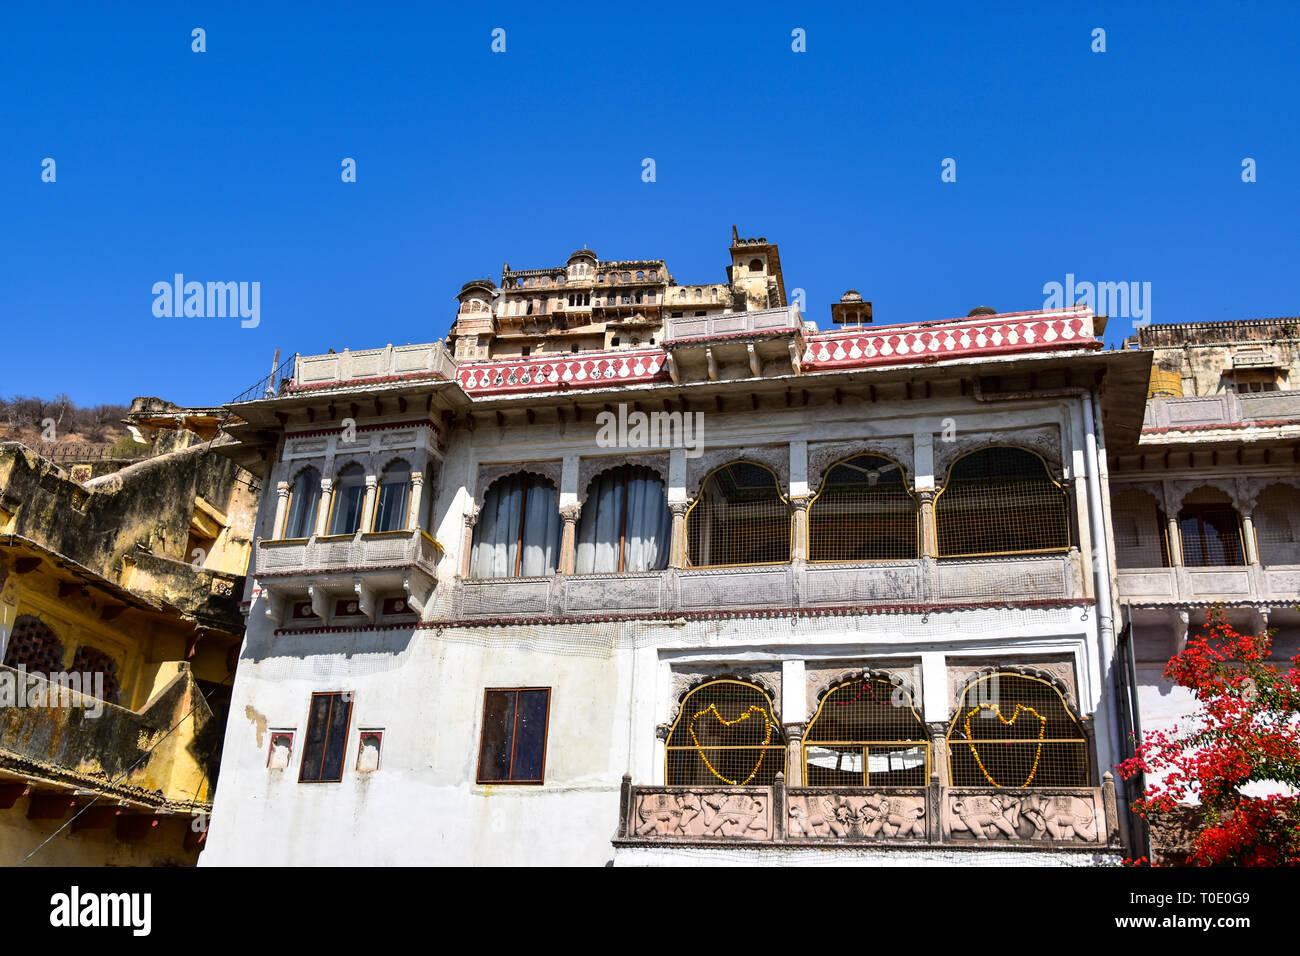 View to Taragargh Fort, Bundi, Rajasthan, India - Stock Image